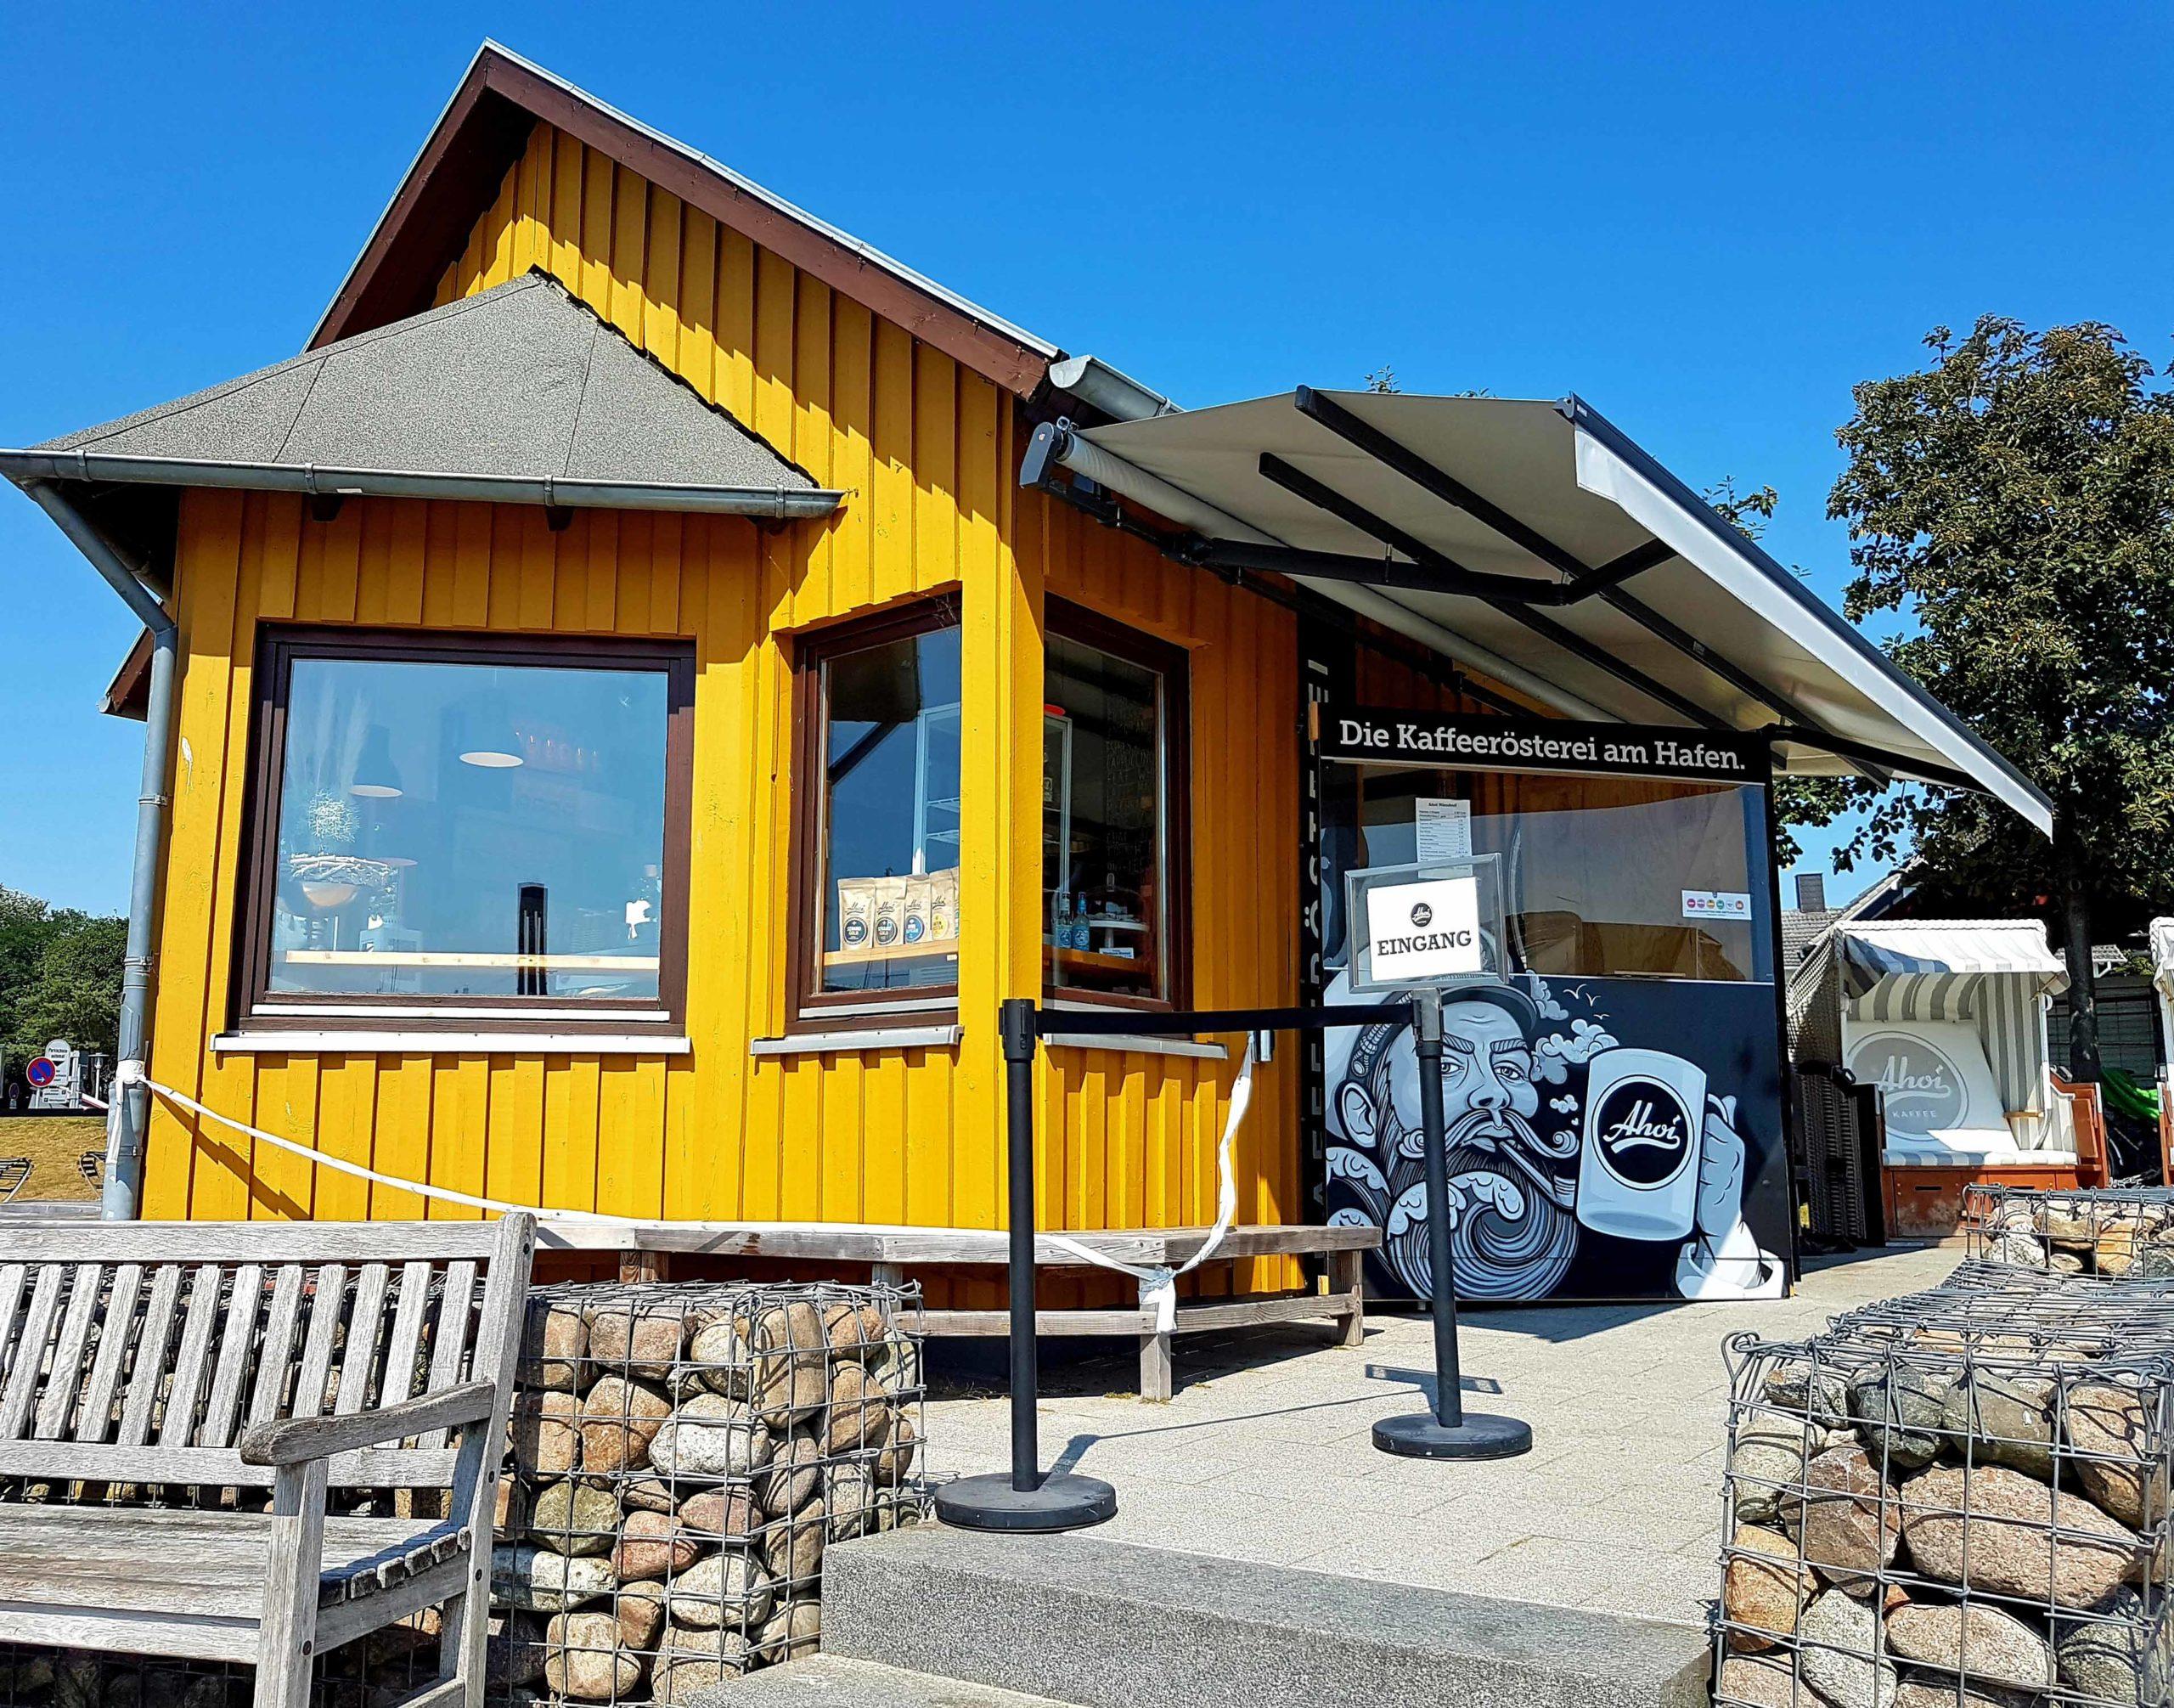 Niendorf gelbes Haus mit Kaffeerösterei